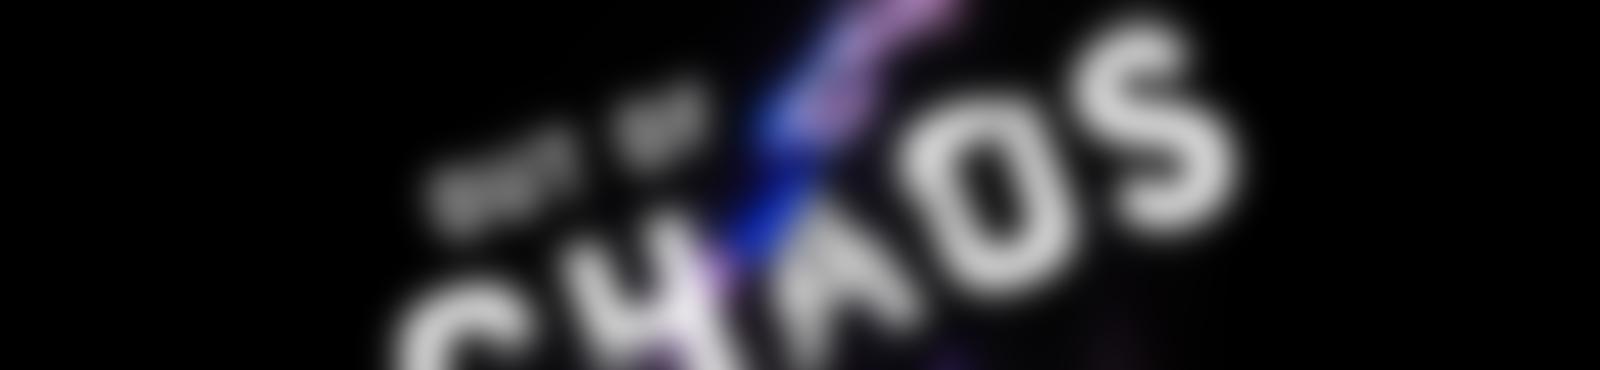 Blurred 6d8e7457 b8d4 4232 a3a8 7279dc1fa77b